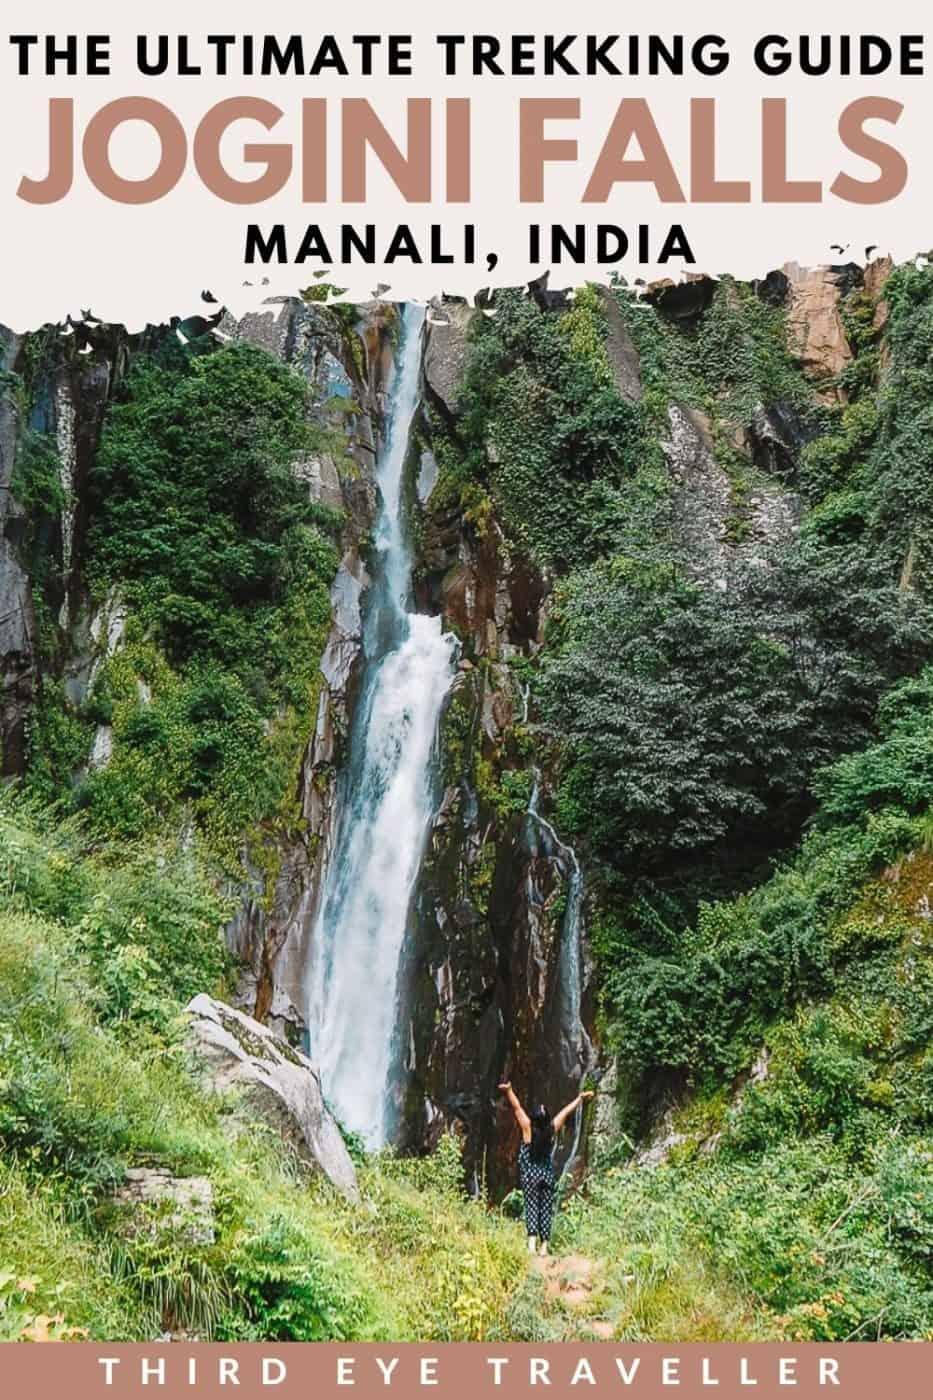 Jogini Falls Trek Manali Vashisht village Himachal Pradesh